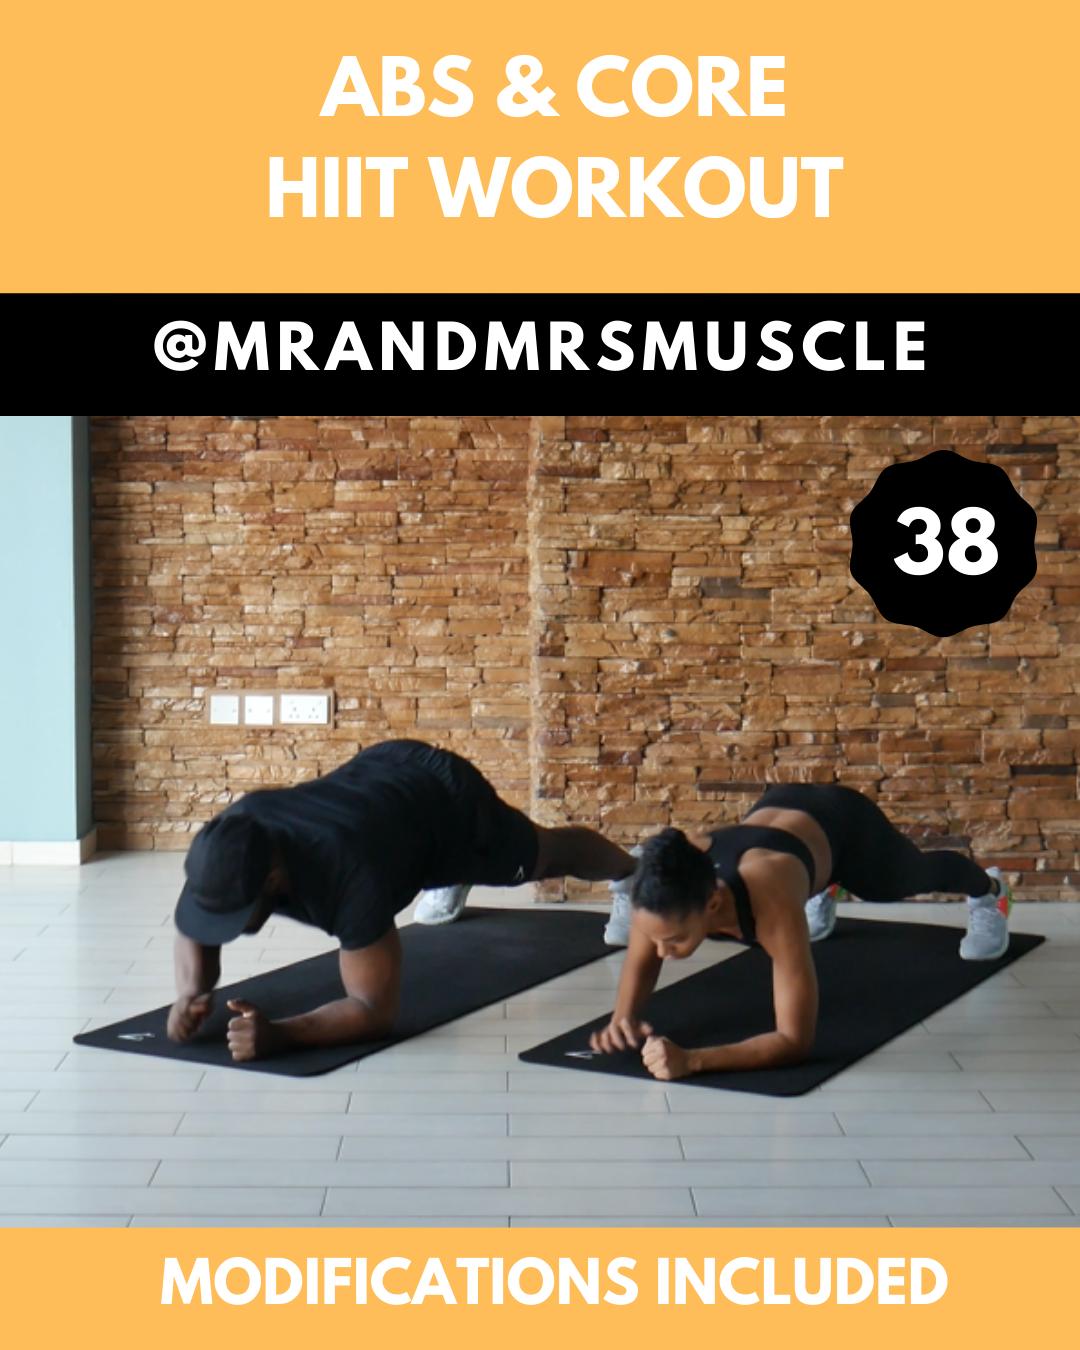 Abs Home Workout        Abs Home Workout,Gewicht verlieren, Körper formen        #Abs #Fit body goal...